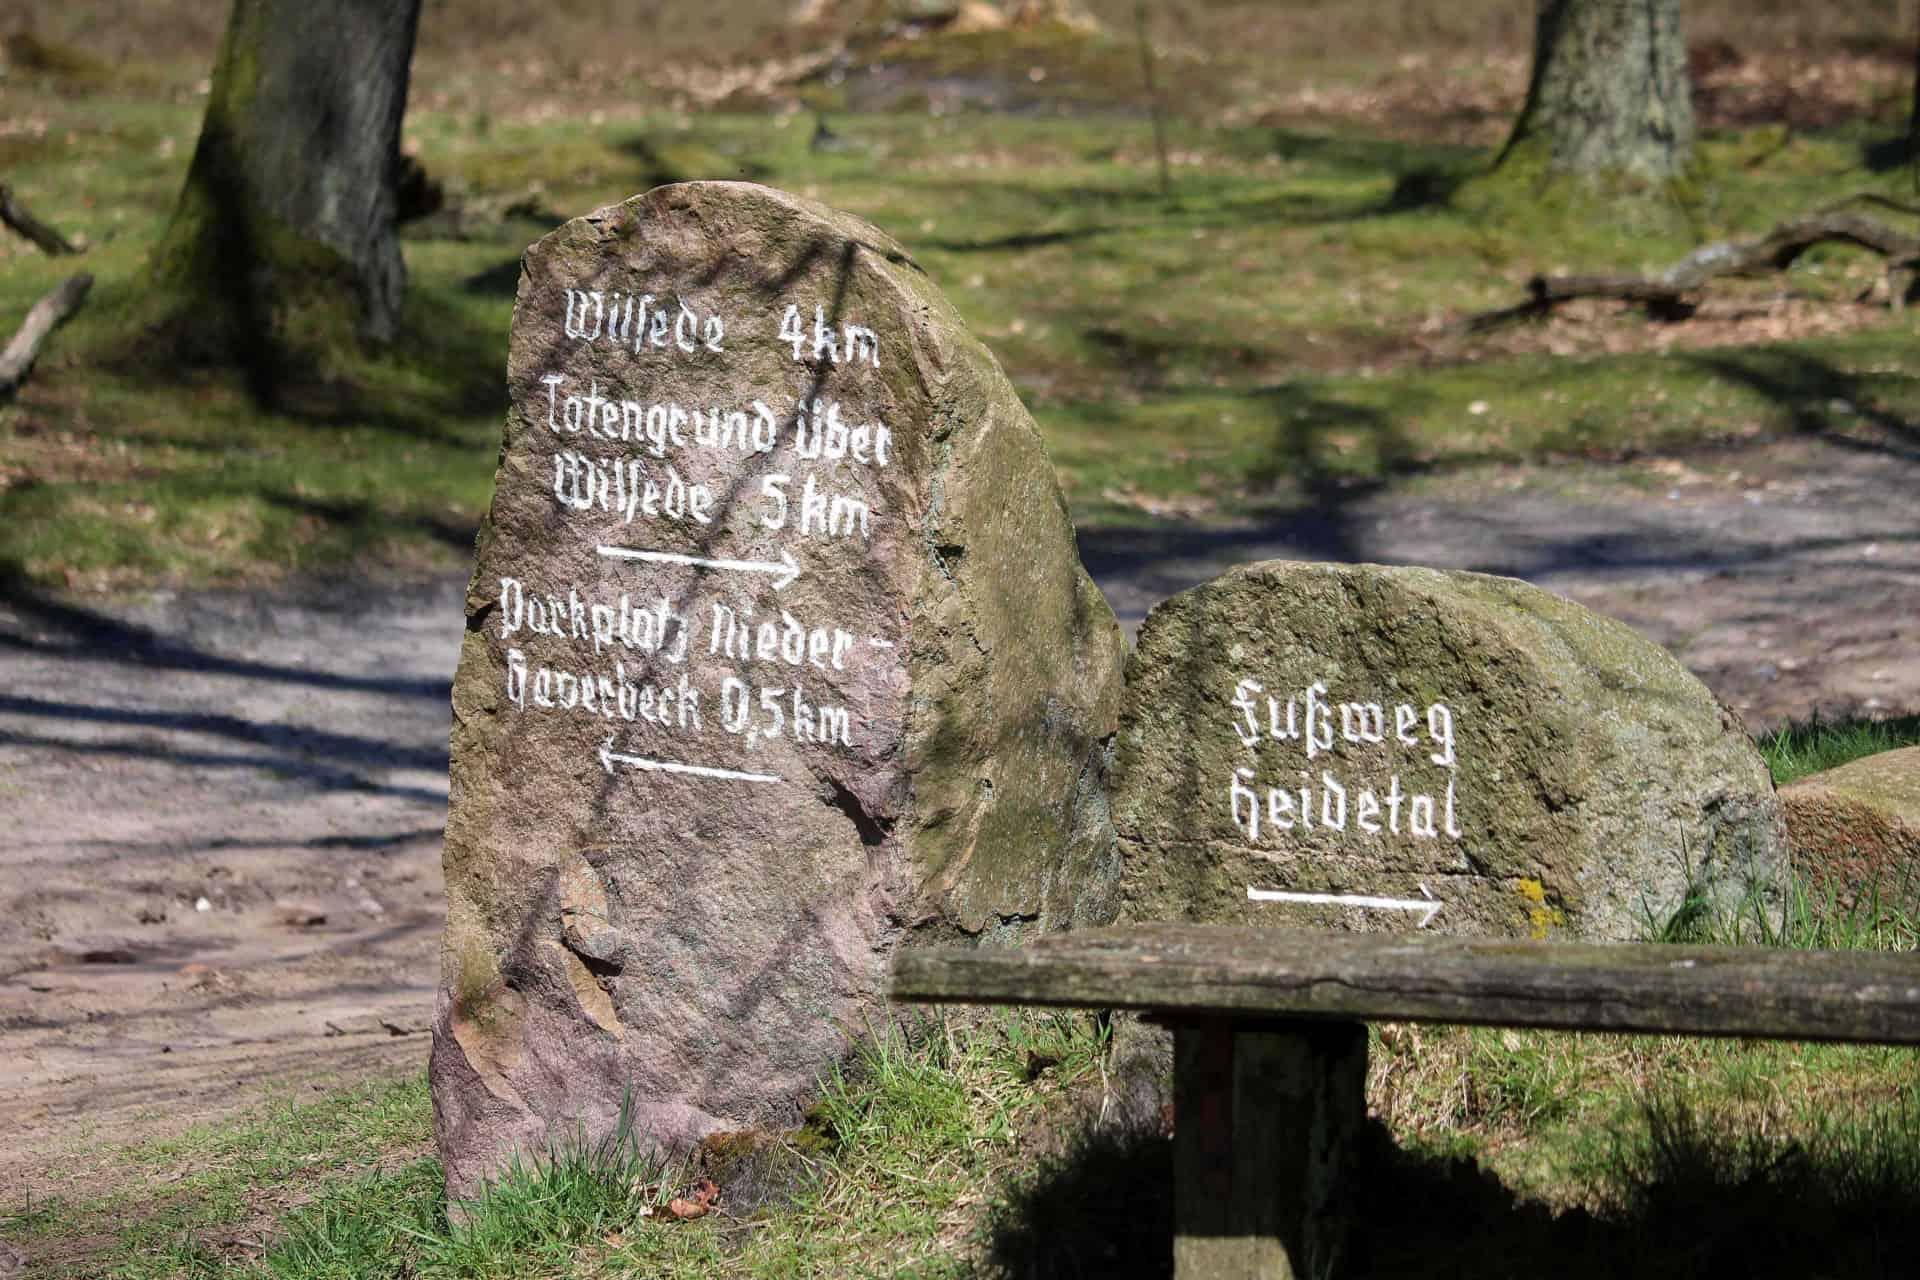 Wegweiger im Naturschutzgebiet Lüneburger Heide